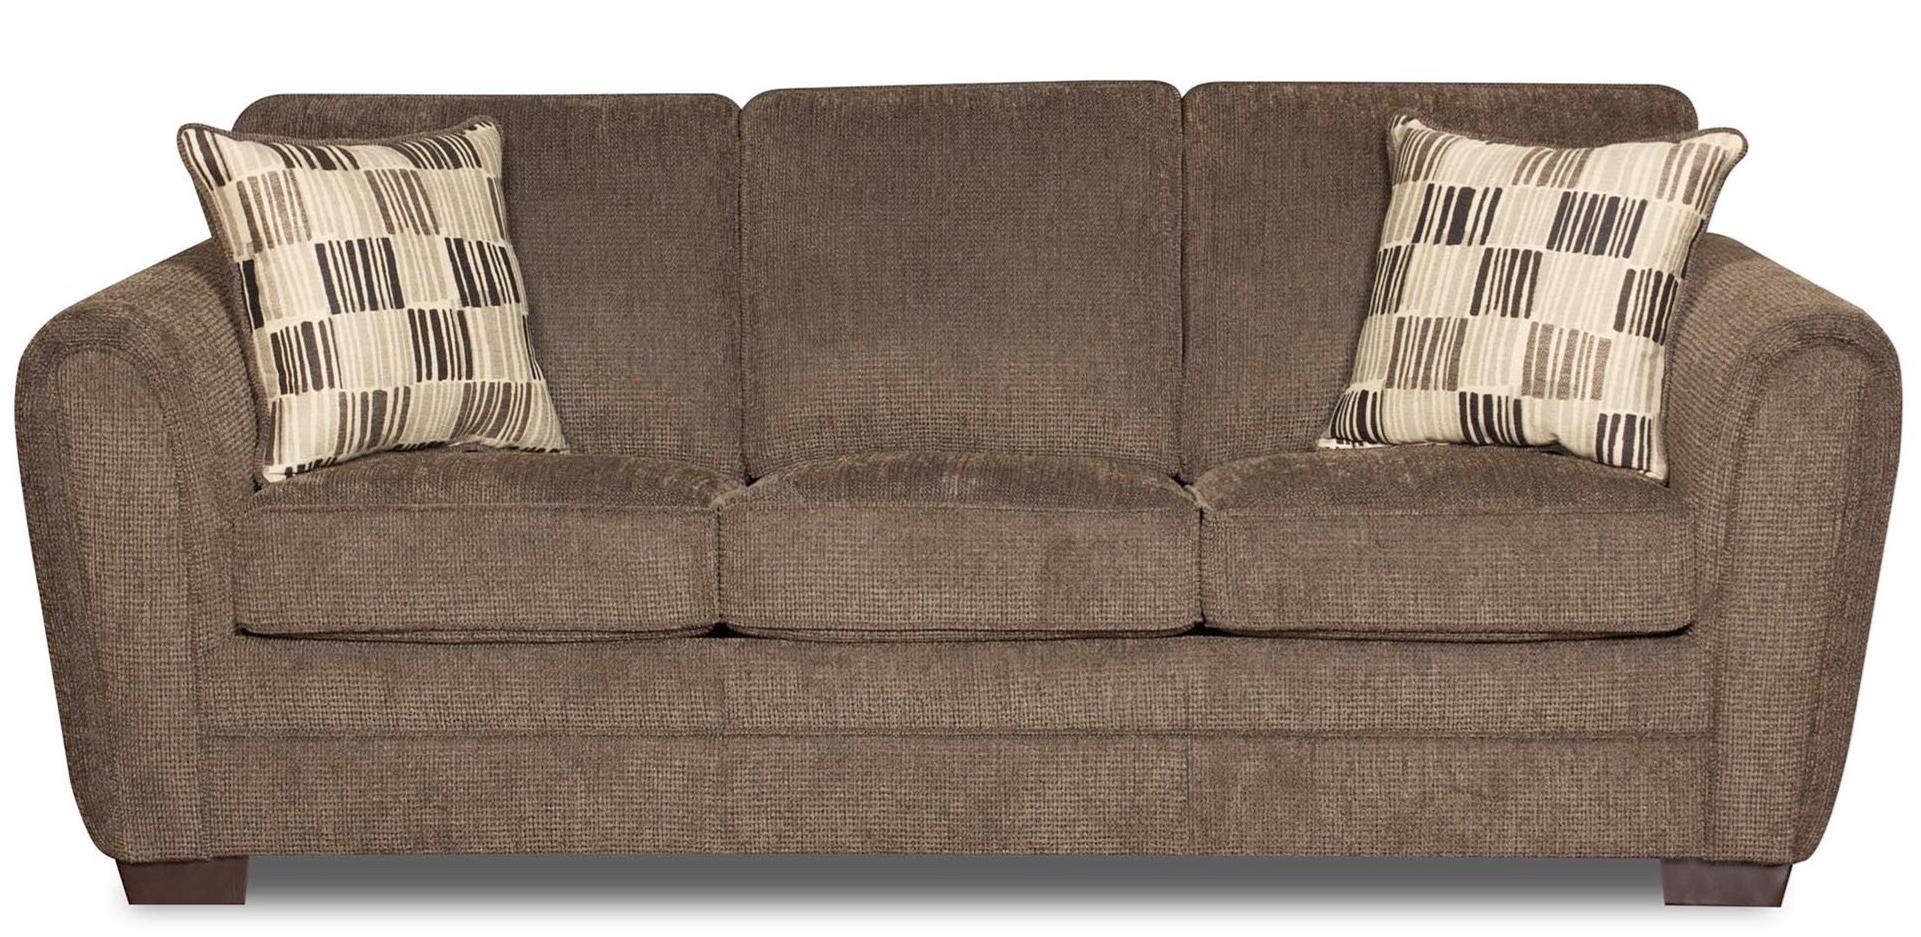 mackenzie sofa student discount sleeper home the honoroak